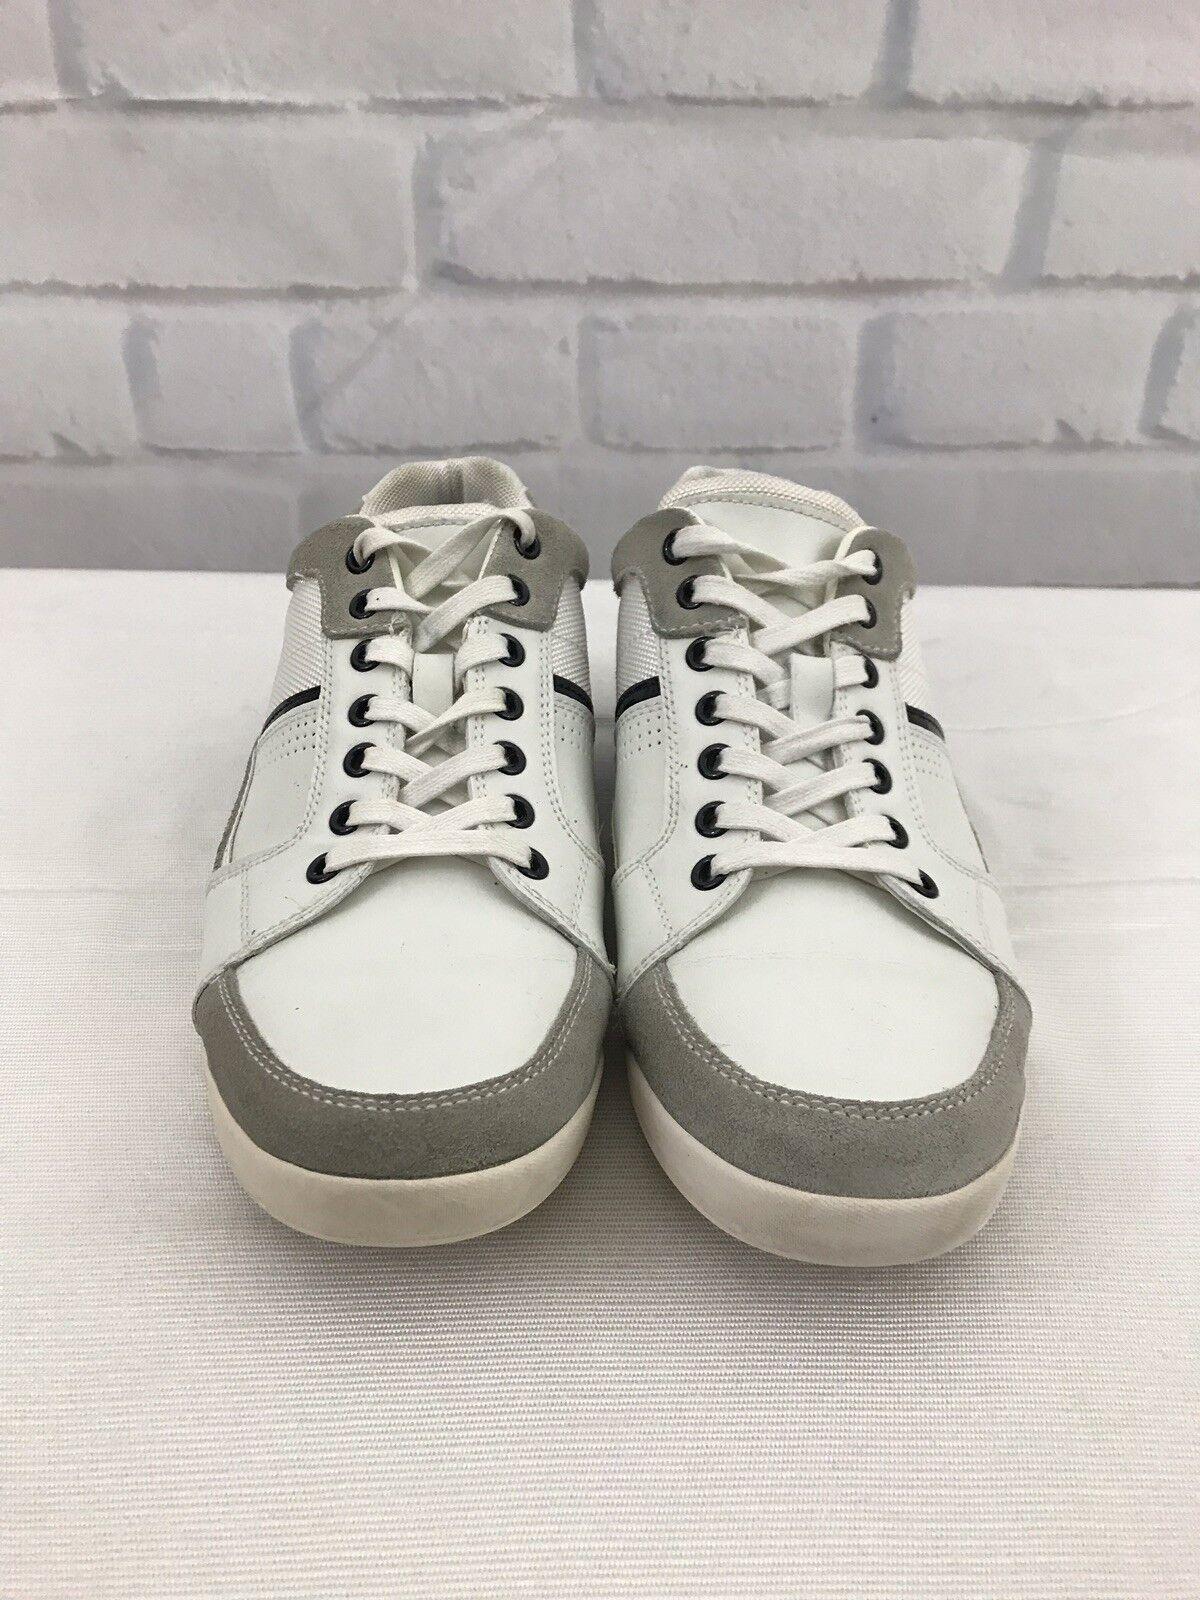 Aldo Men's Two Tone Fashion Sneakers Size 10 White And Cream